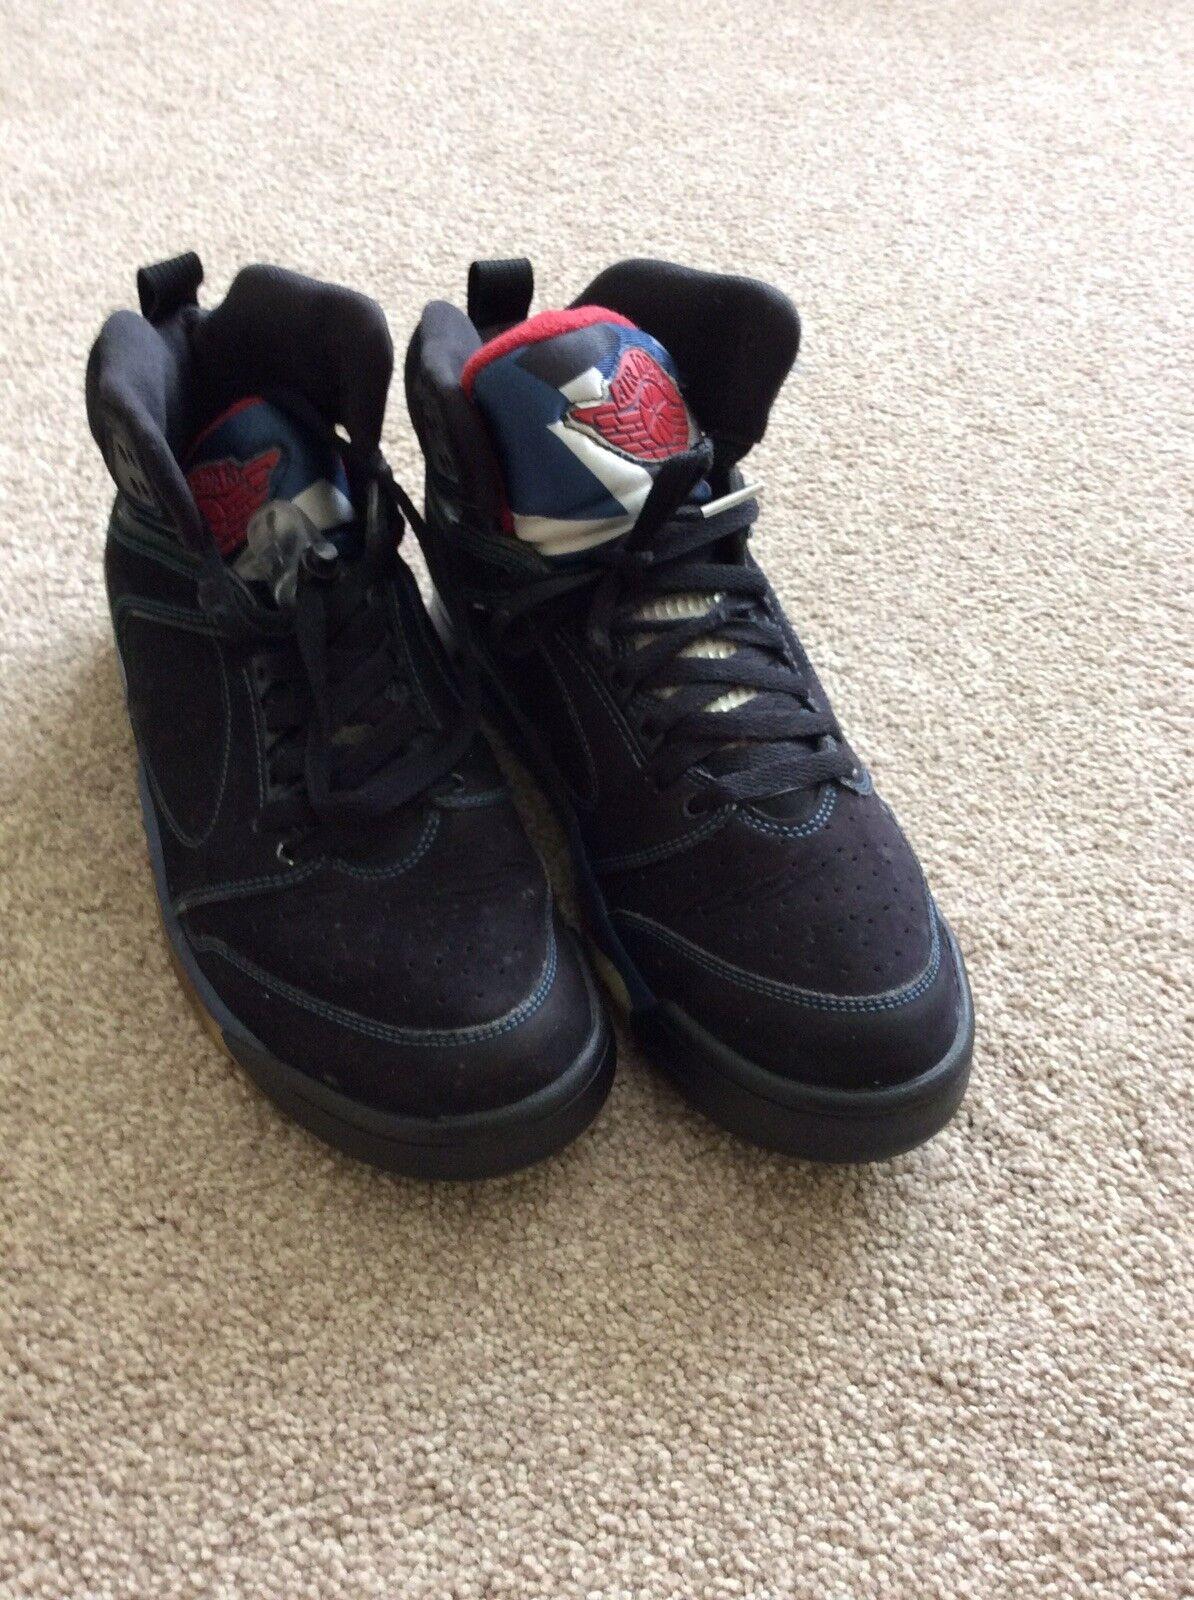 Vintage 23 Black Red Jordan BASKETBALL Boots Size UK-9